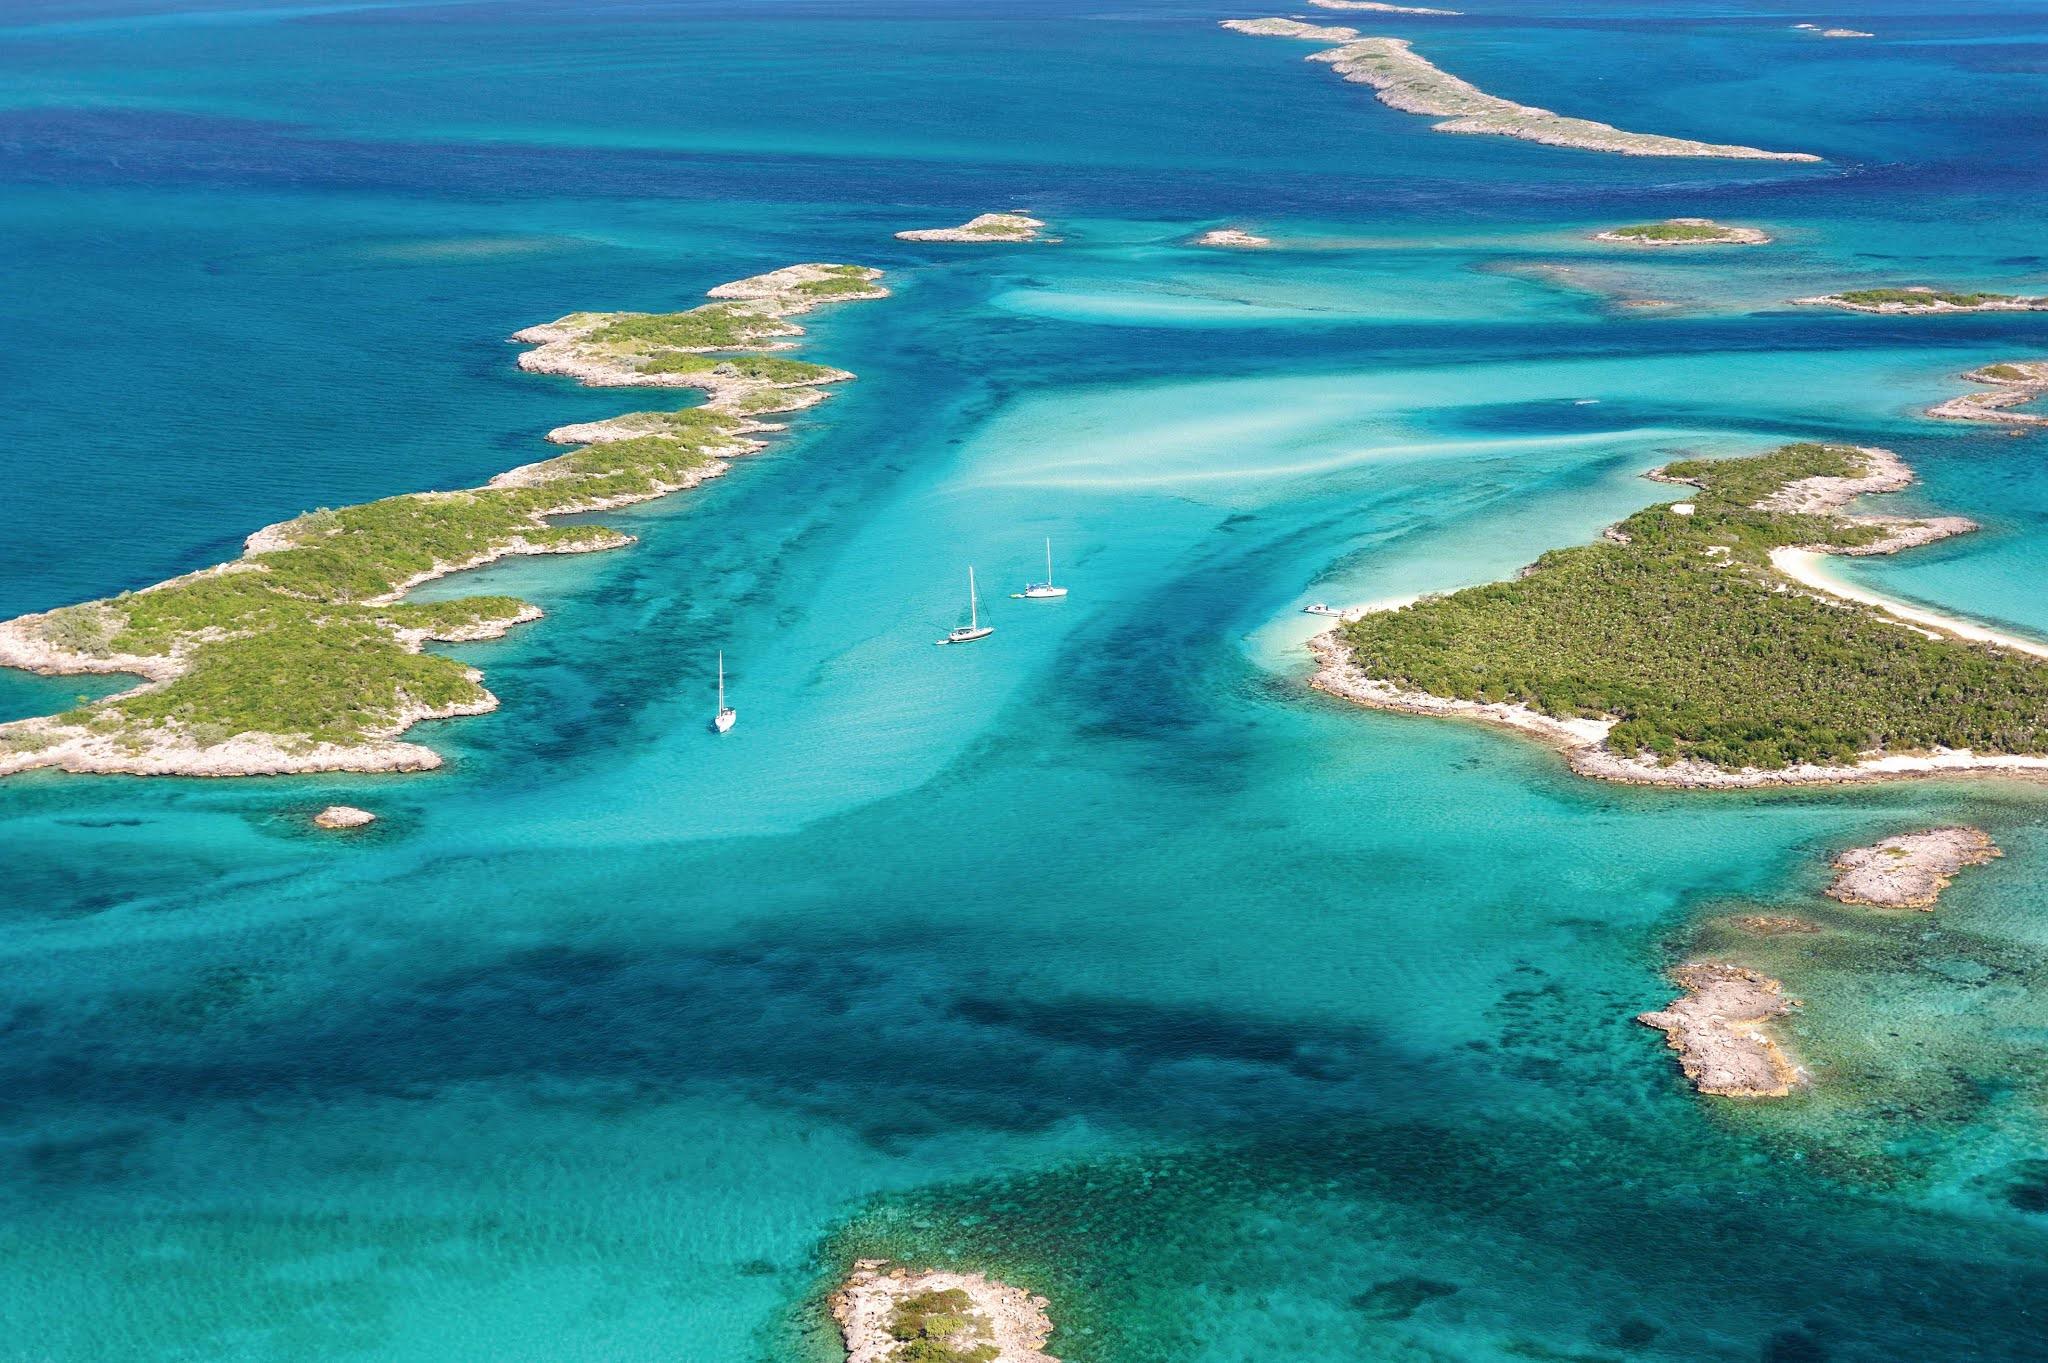 Exumas, nas Bahamas, serviu de cenário em filme da Disney/Marvel